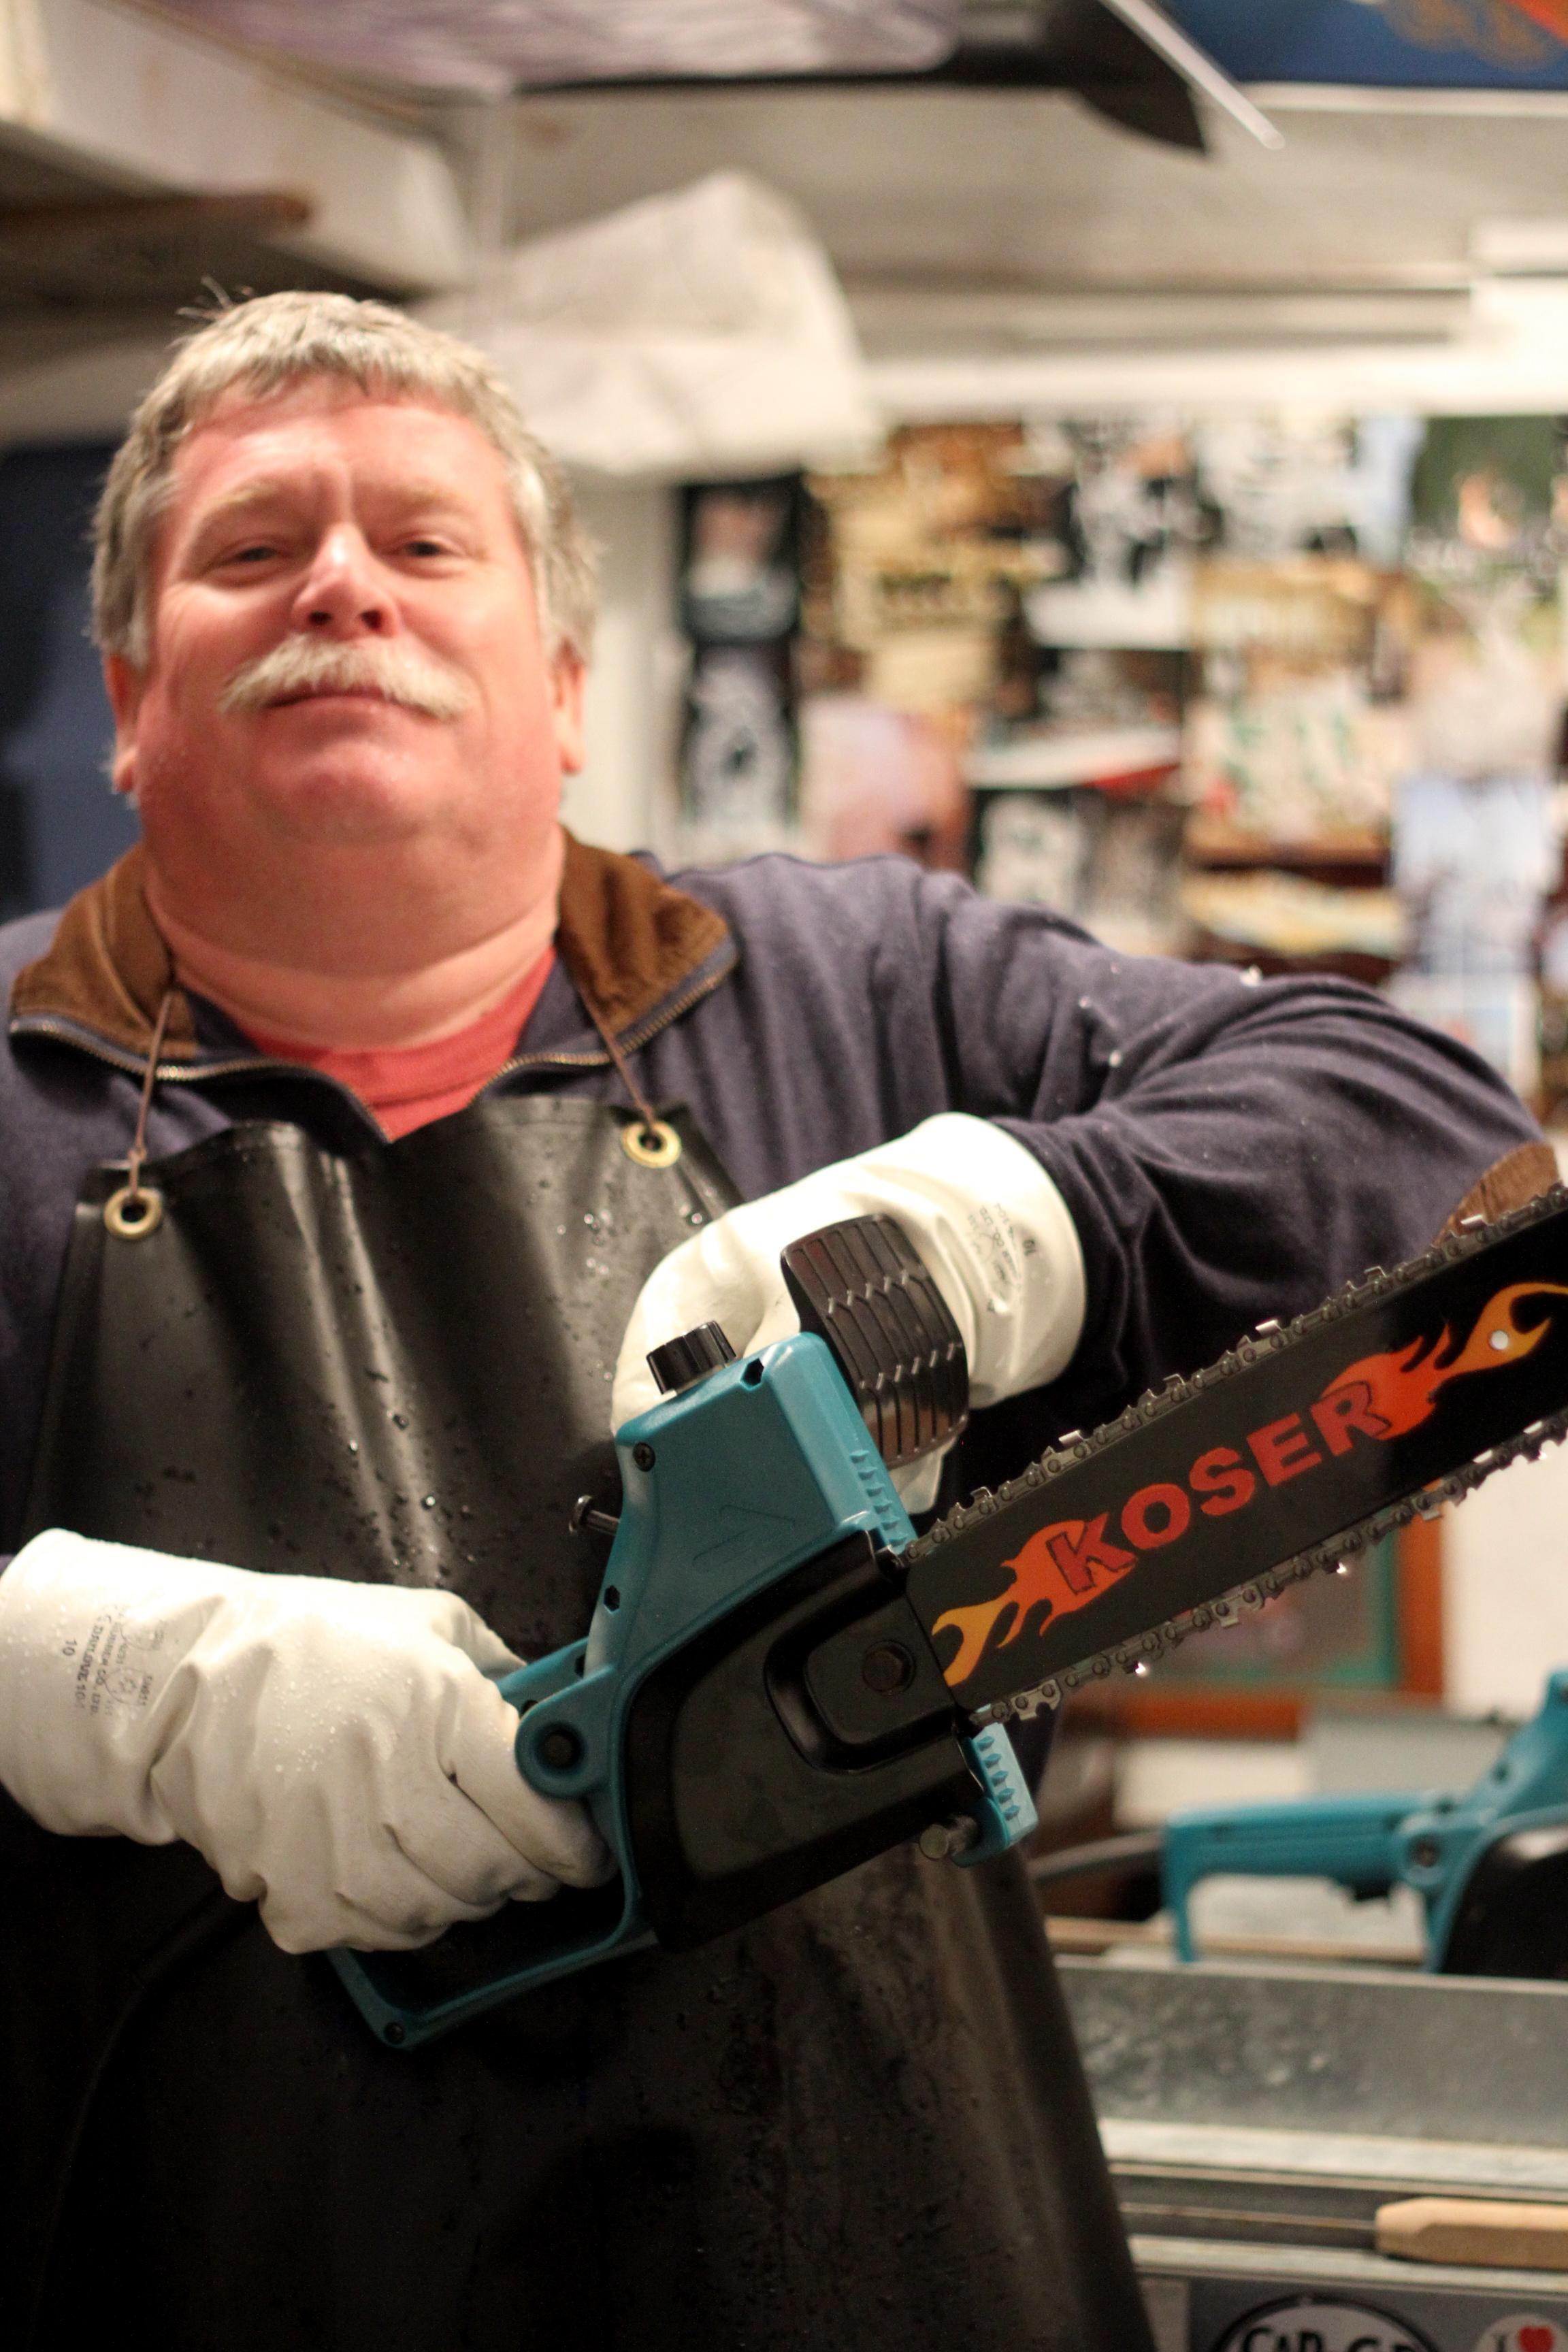 Caption: Chip Koser in his workshop.